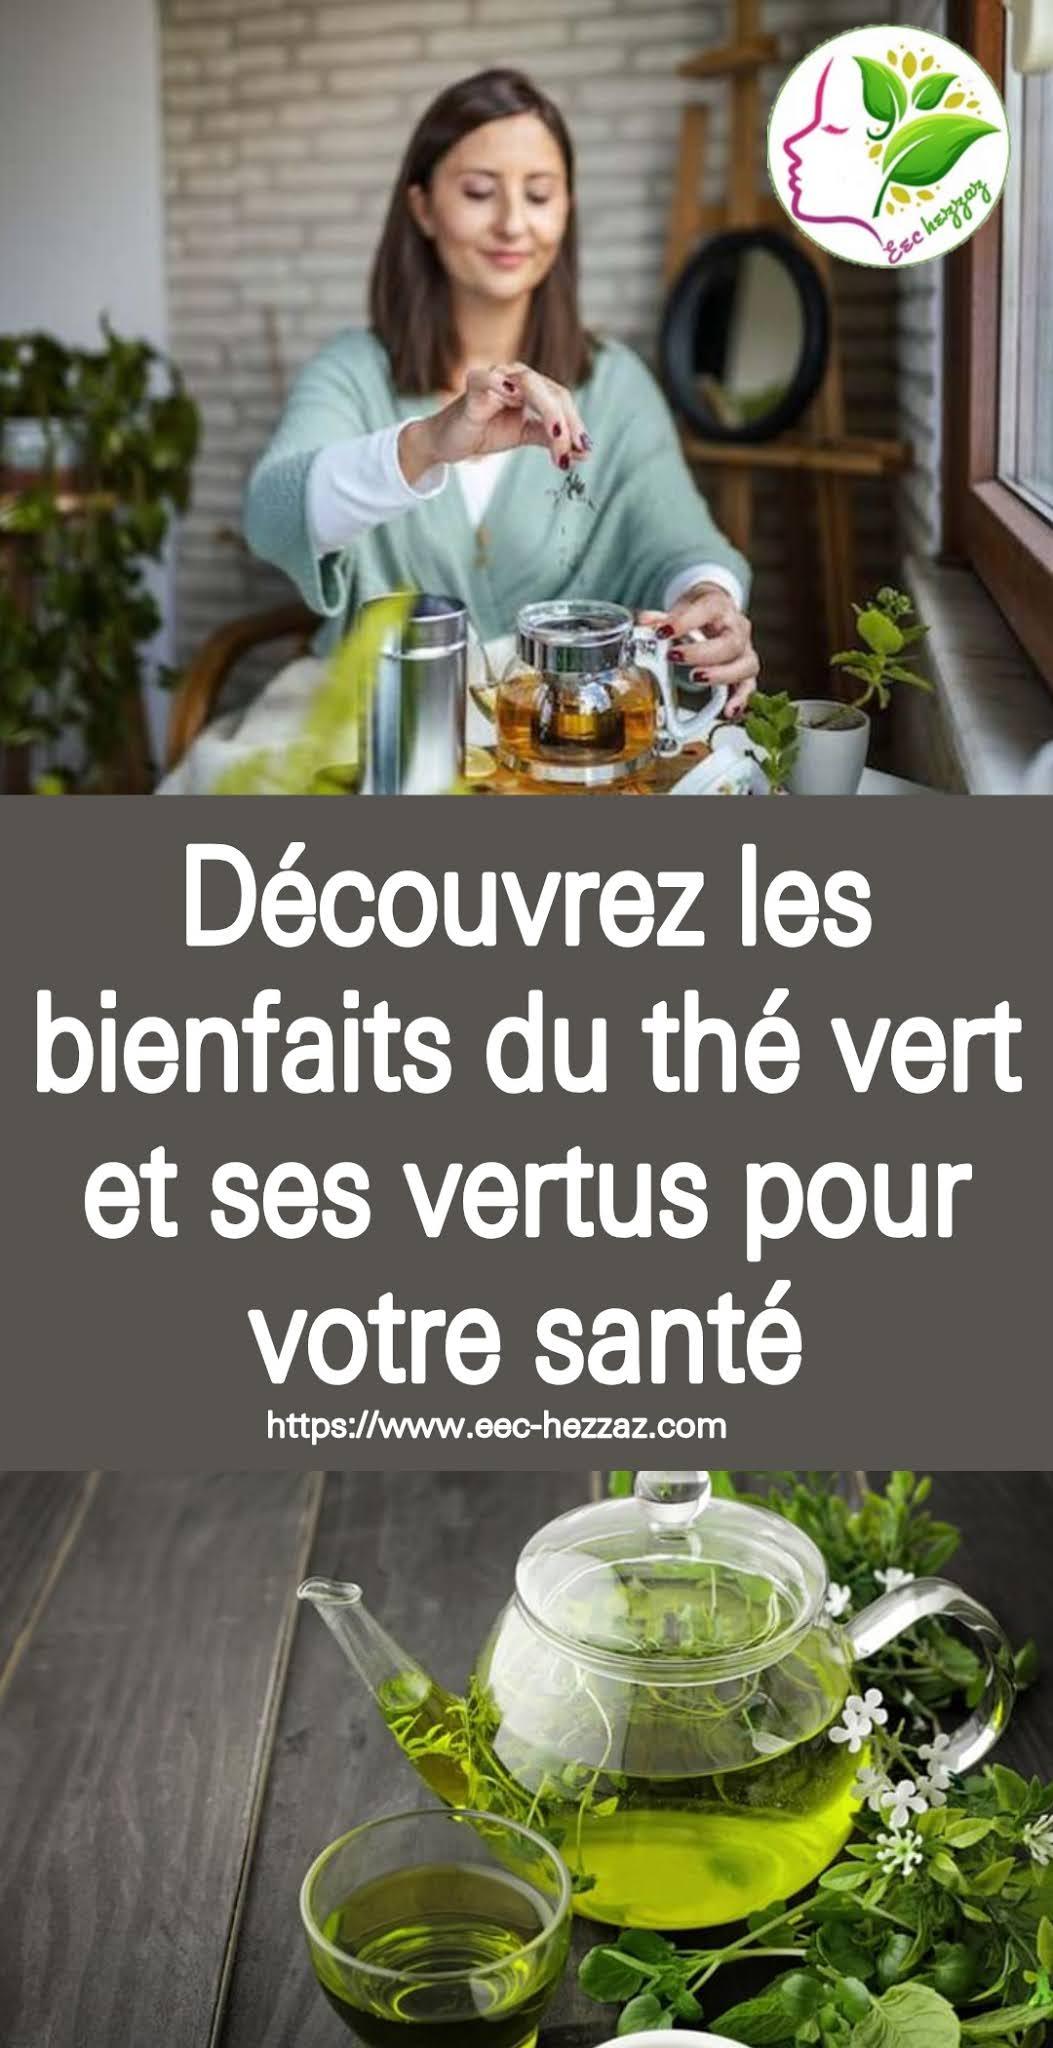 Découvrez les bienfaits du thé vert et ses vertus pour votre santé